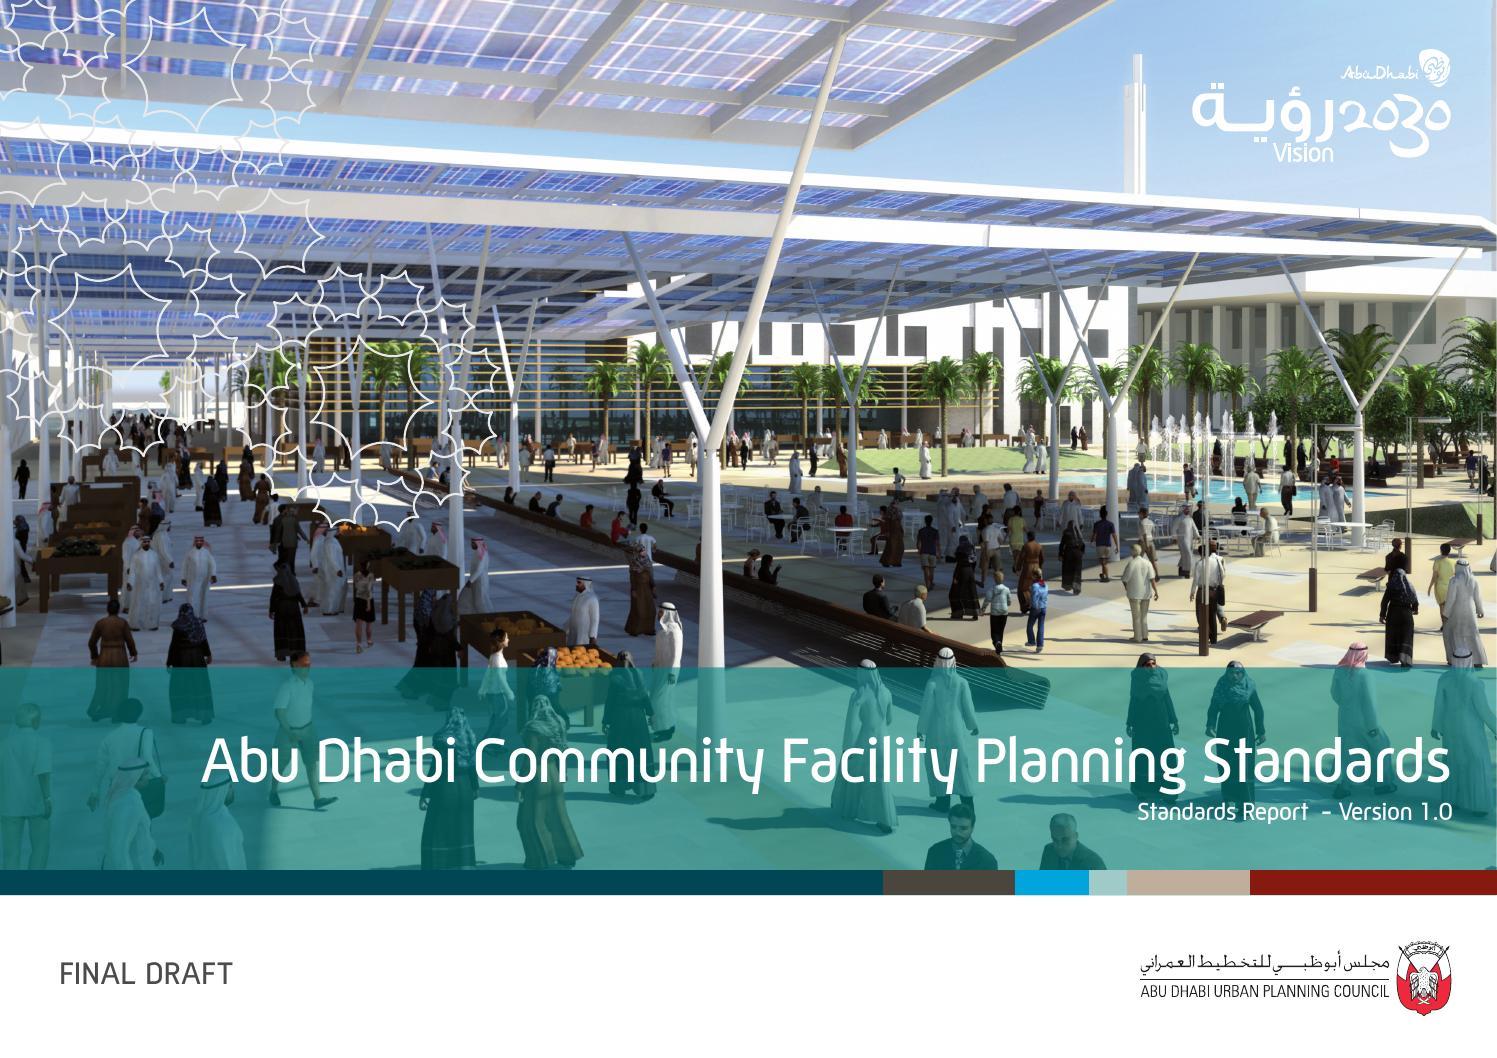 Abu Dhabi Community Facility Planning Standards En By Taras